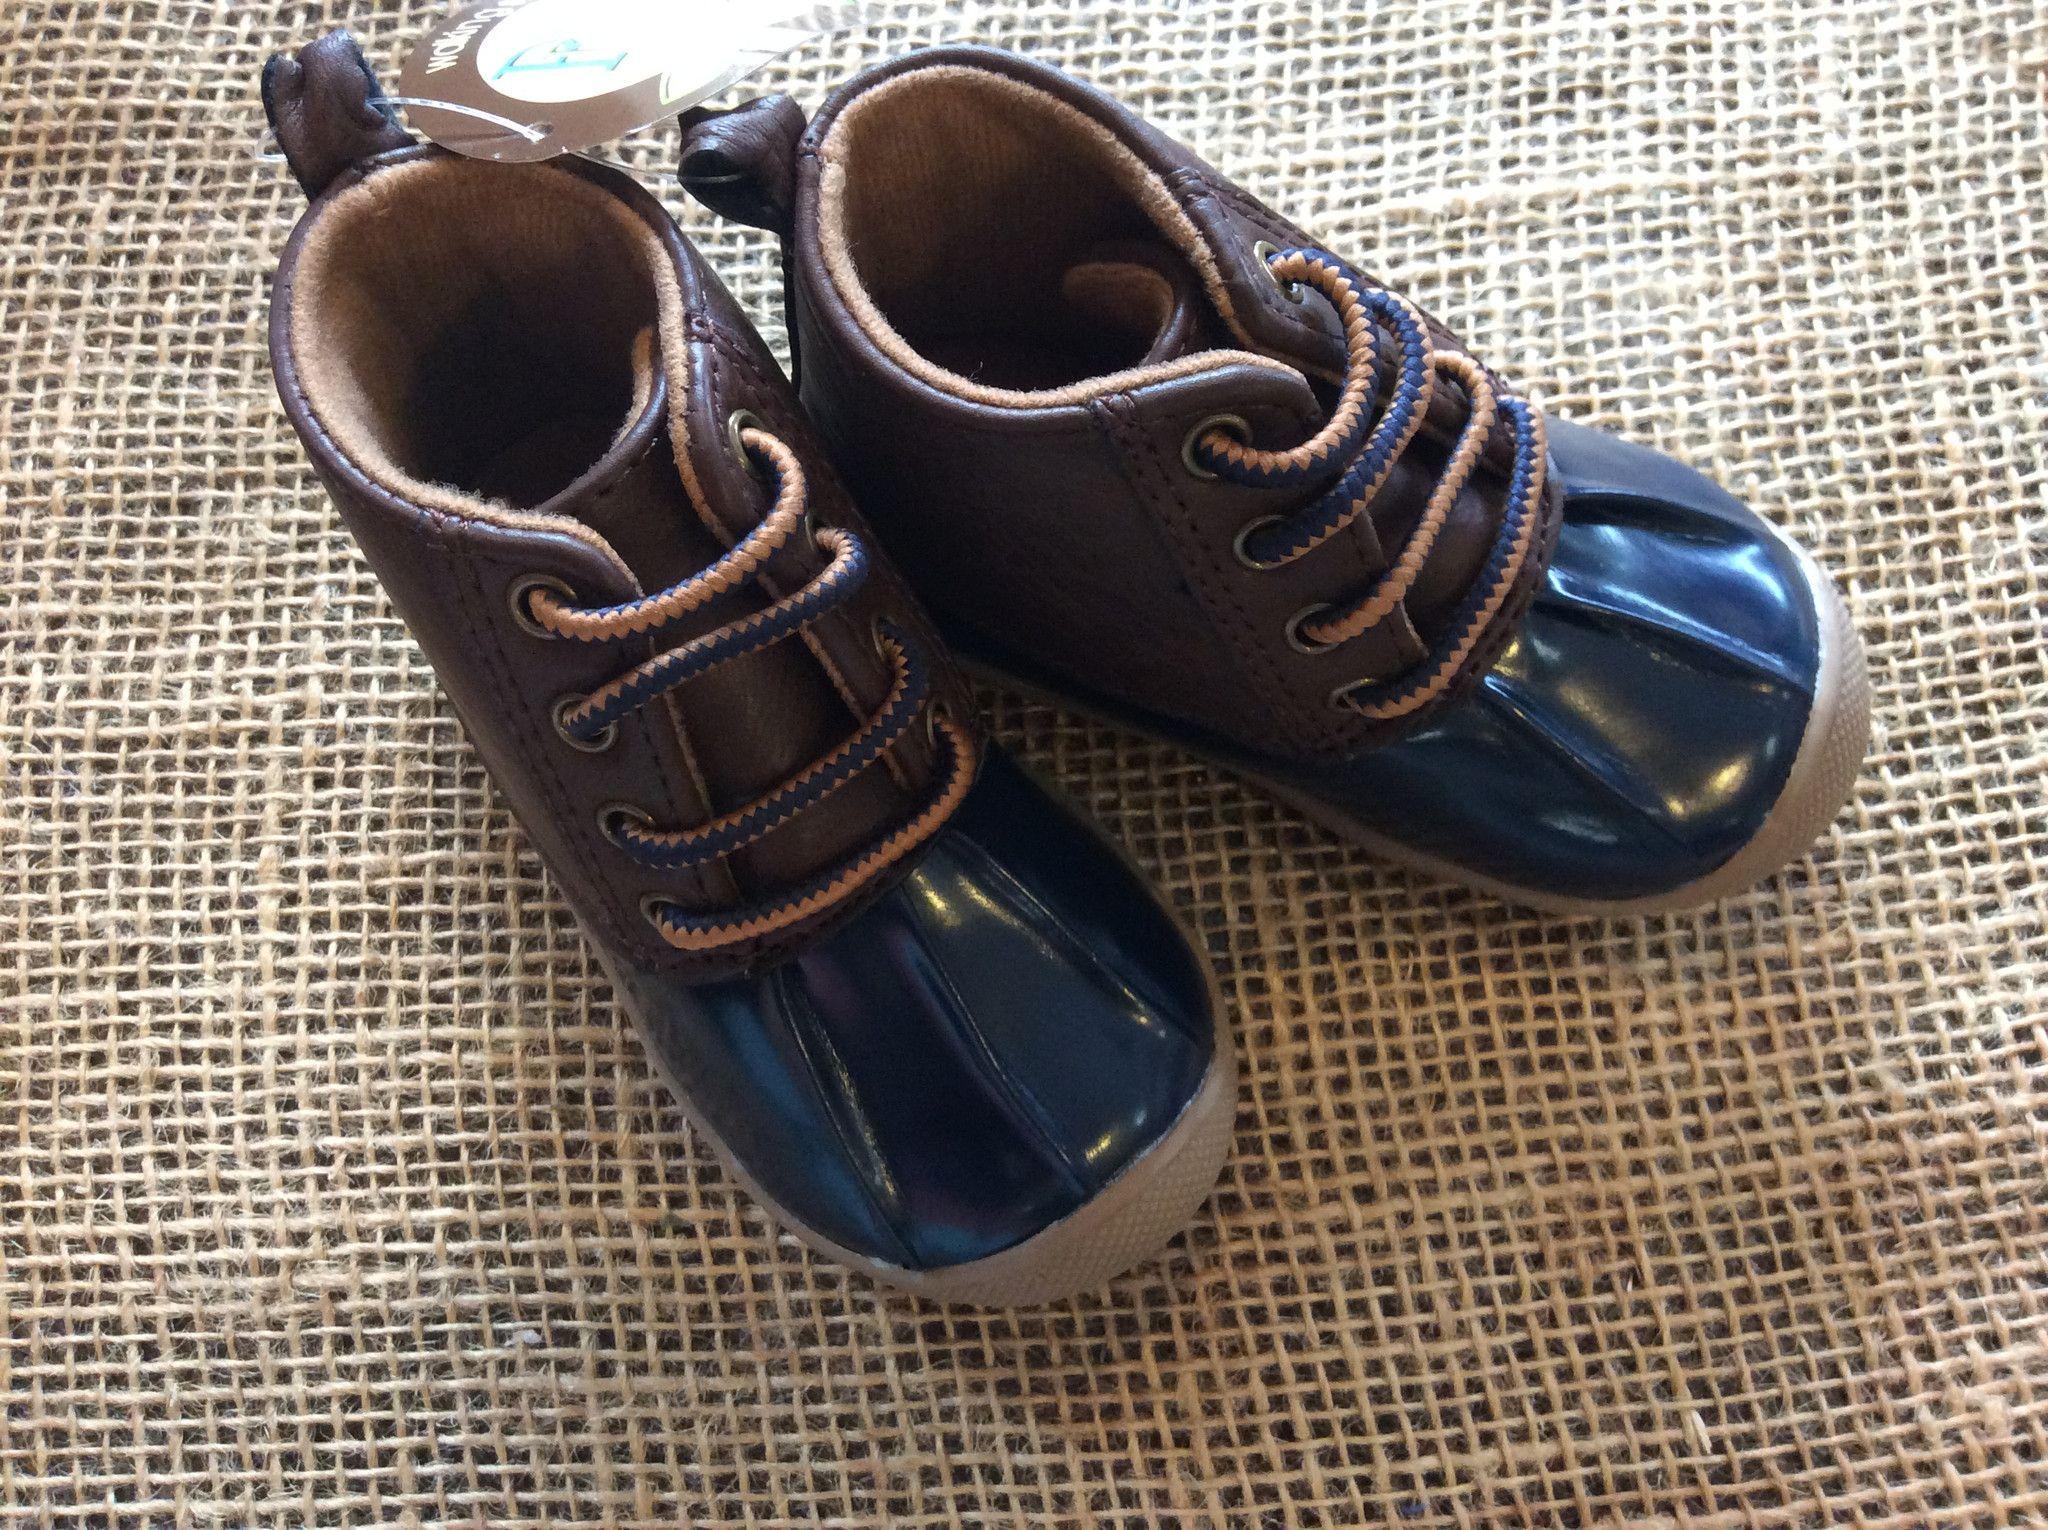 Boys deer boots Navy Blue